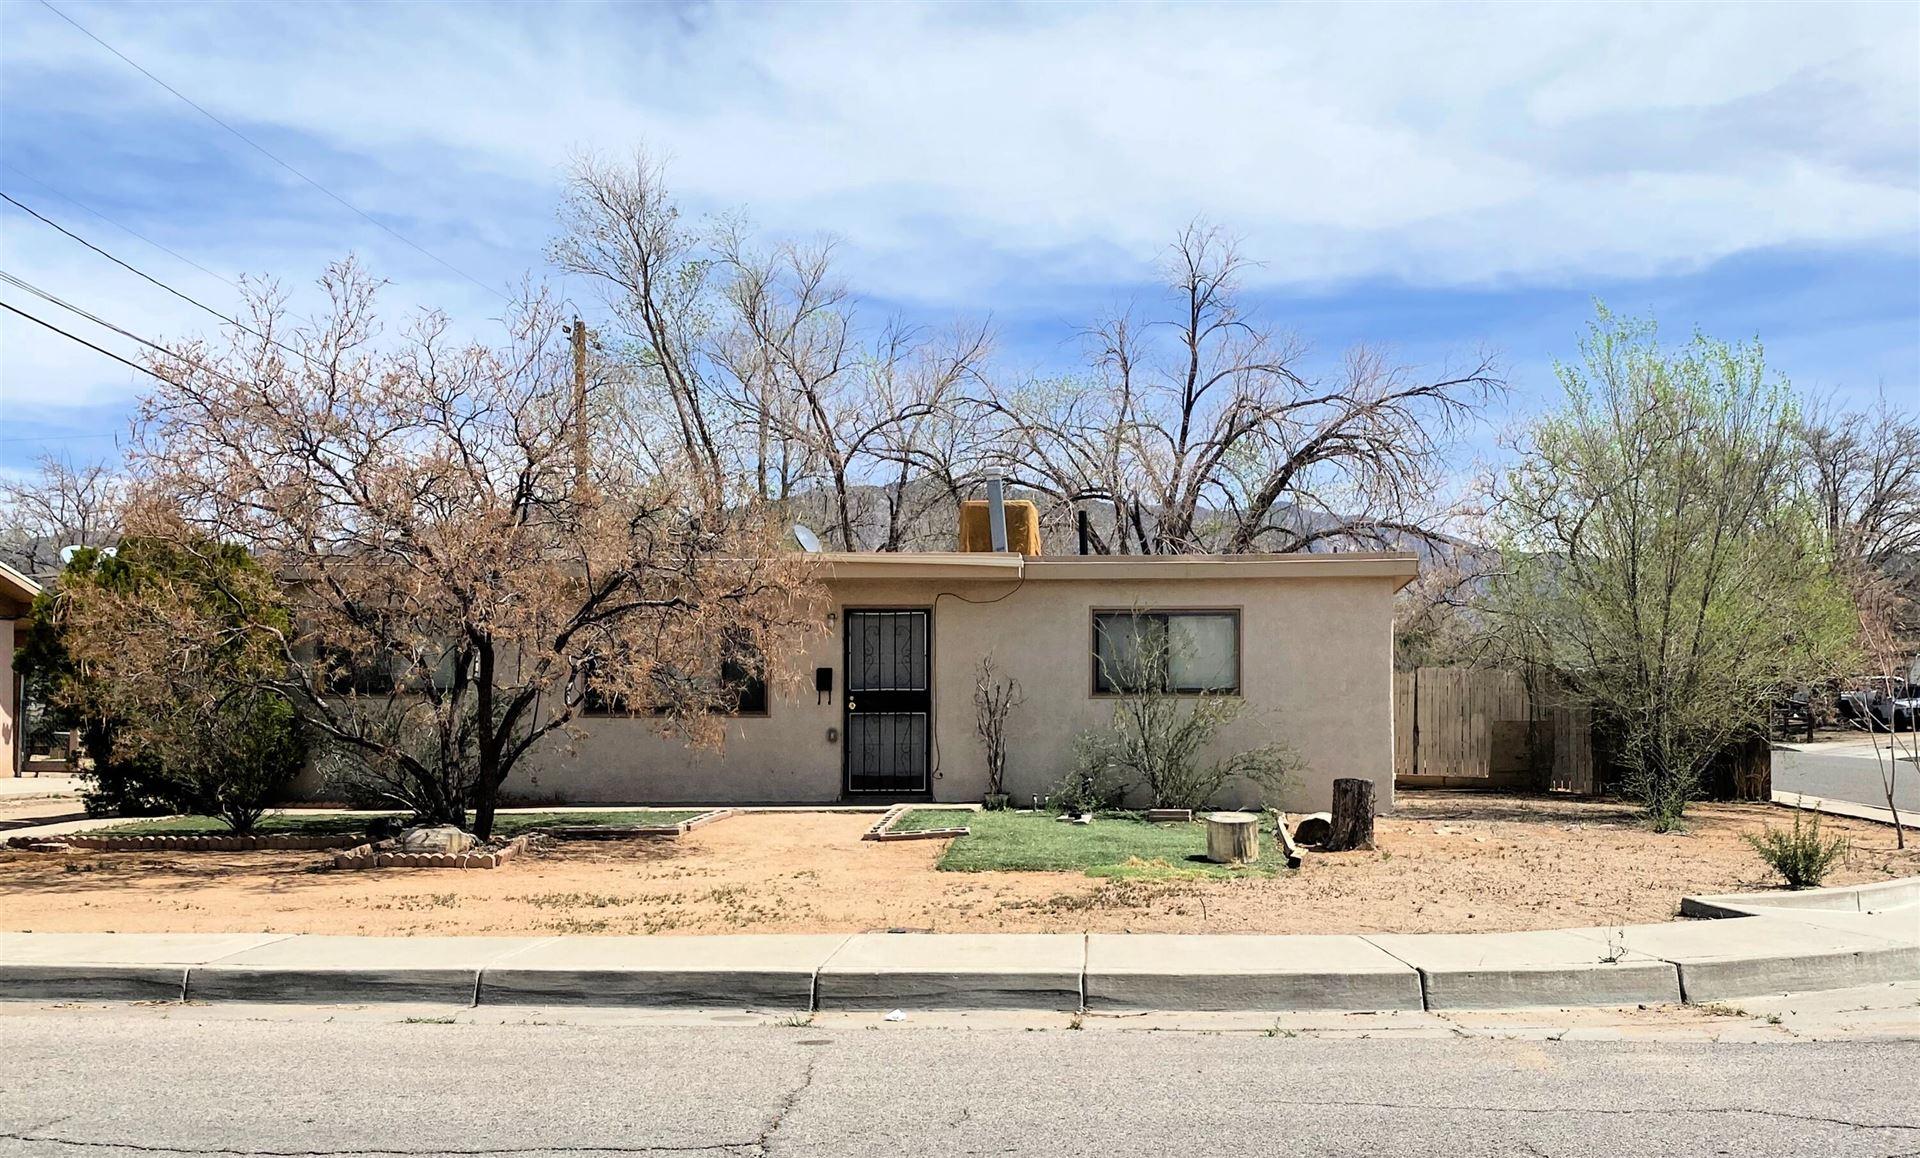 2400 JUNE Street NE, Albuquerque, NM 87112 - MLS#: 989165